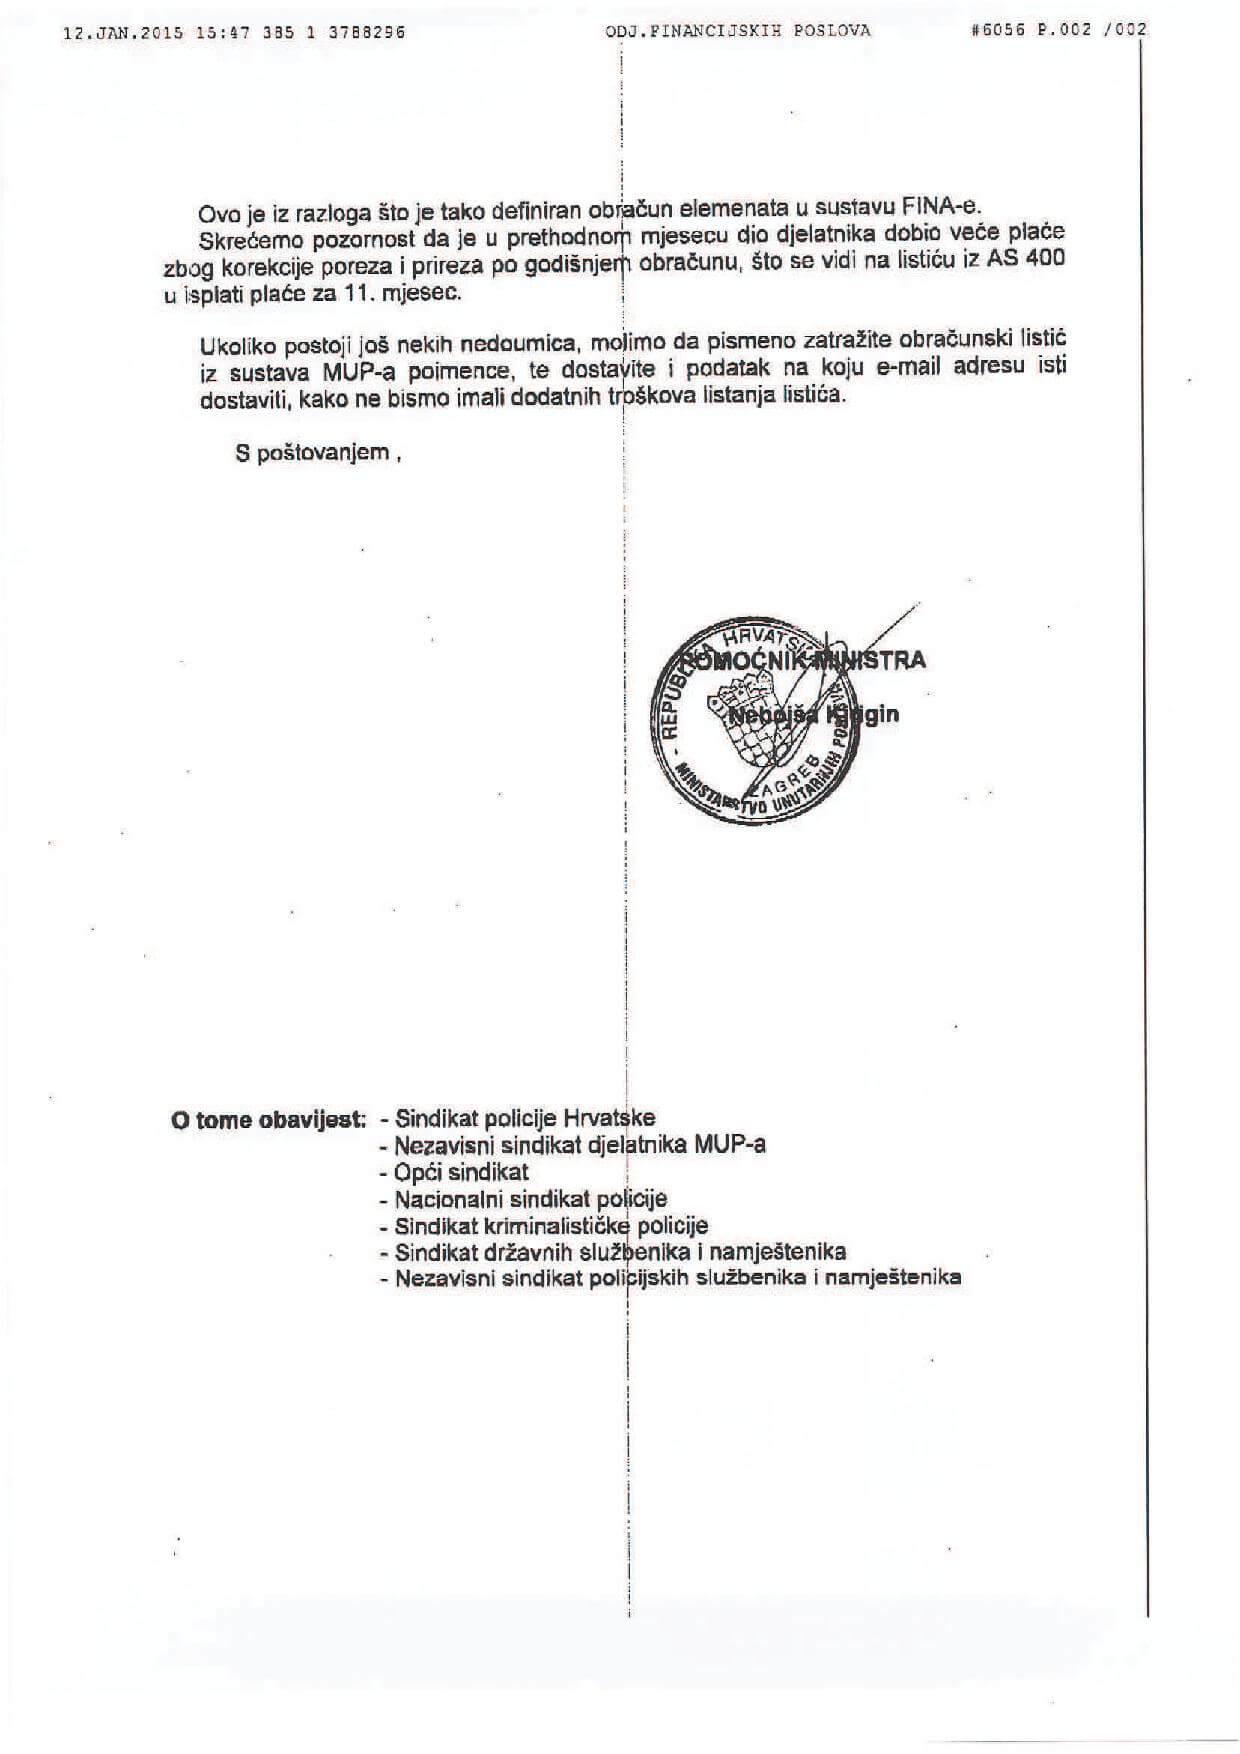 MUP-UPRAVA ZA MATRIJALNO FINANCIJSKE POLSOVE - OBAVIJEST OBRACUN PLACE KROZ COP1